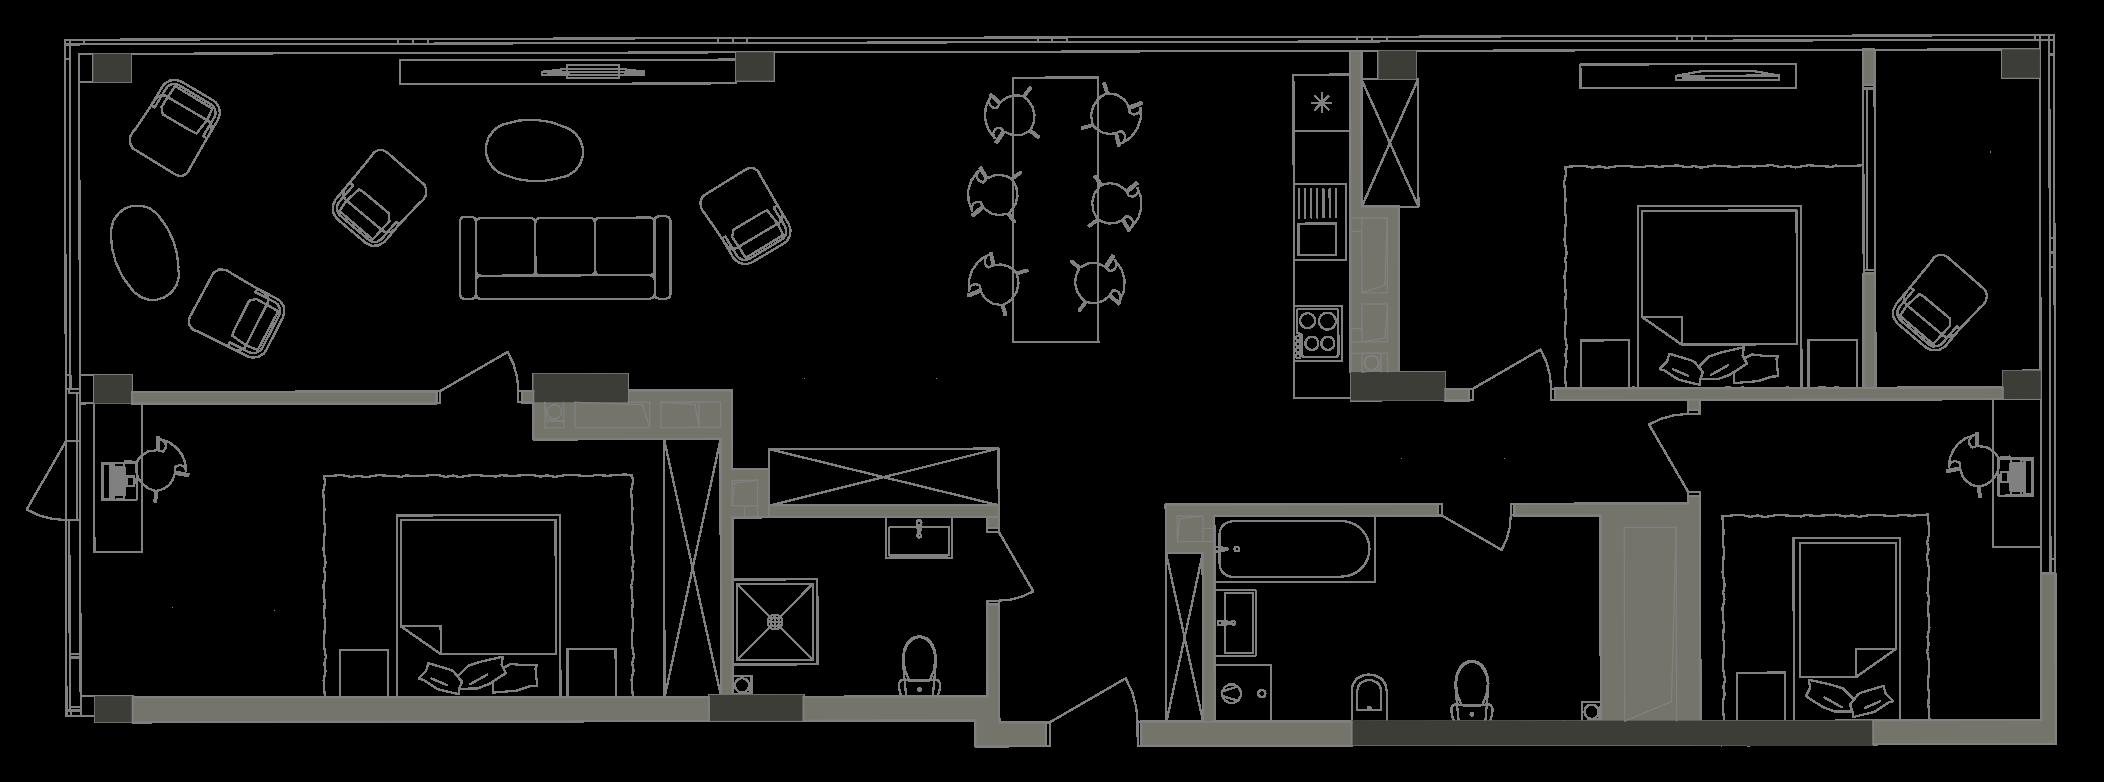 Квартира KV_90_3C_1_1_6